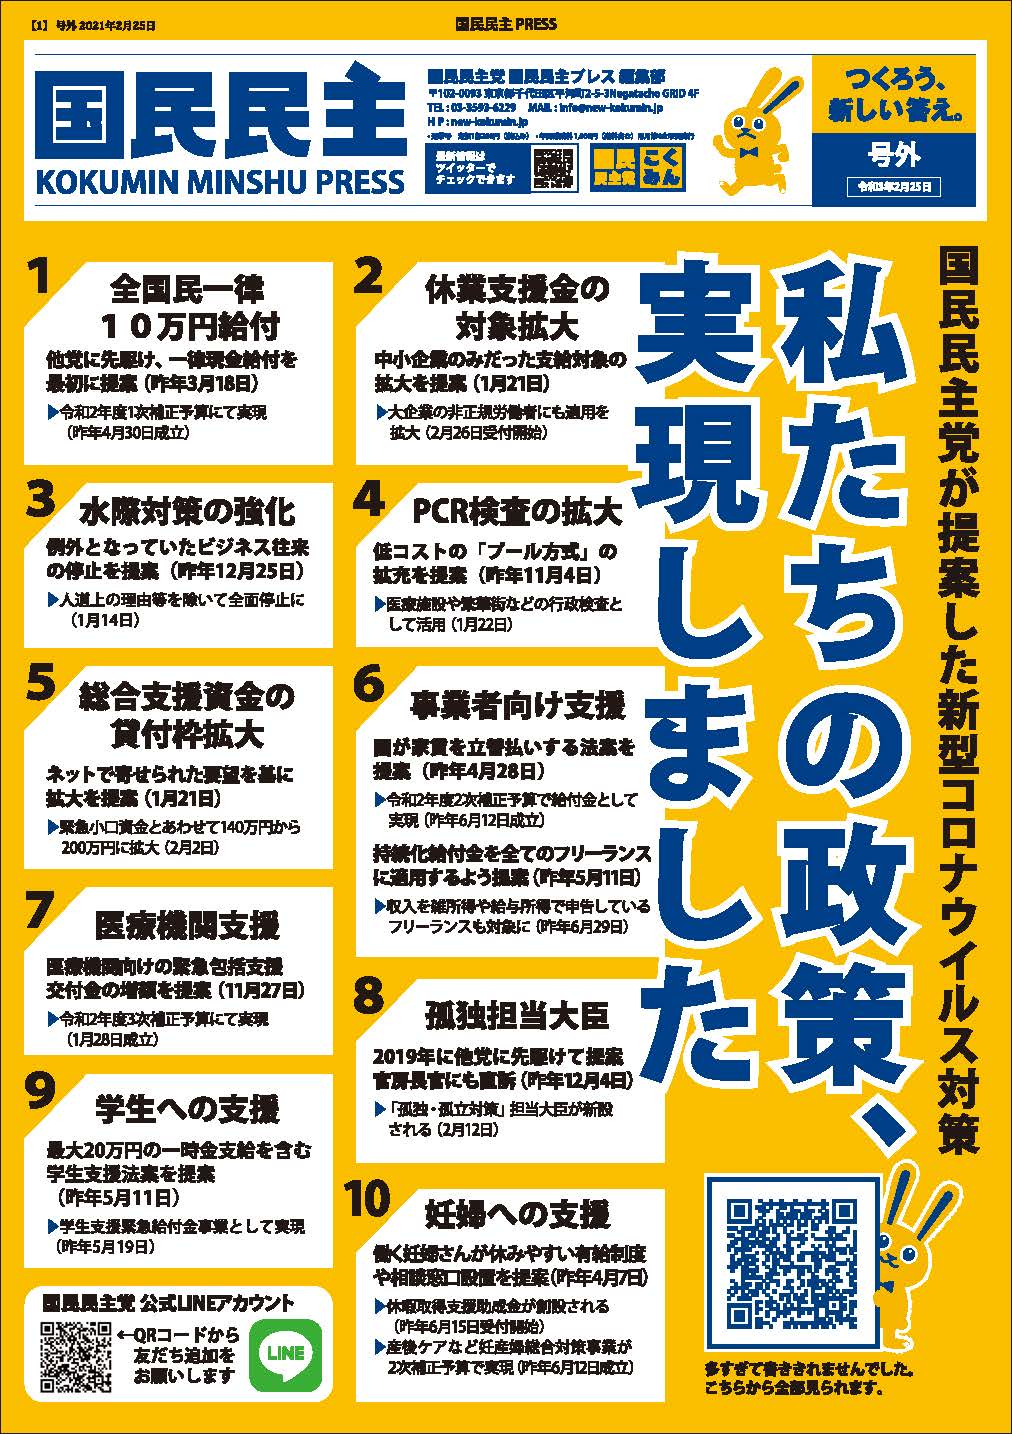 2021/03/15発行 B4国民民主党本部チラシ